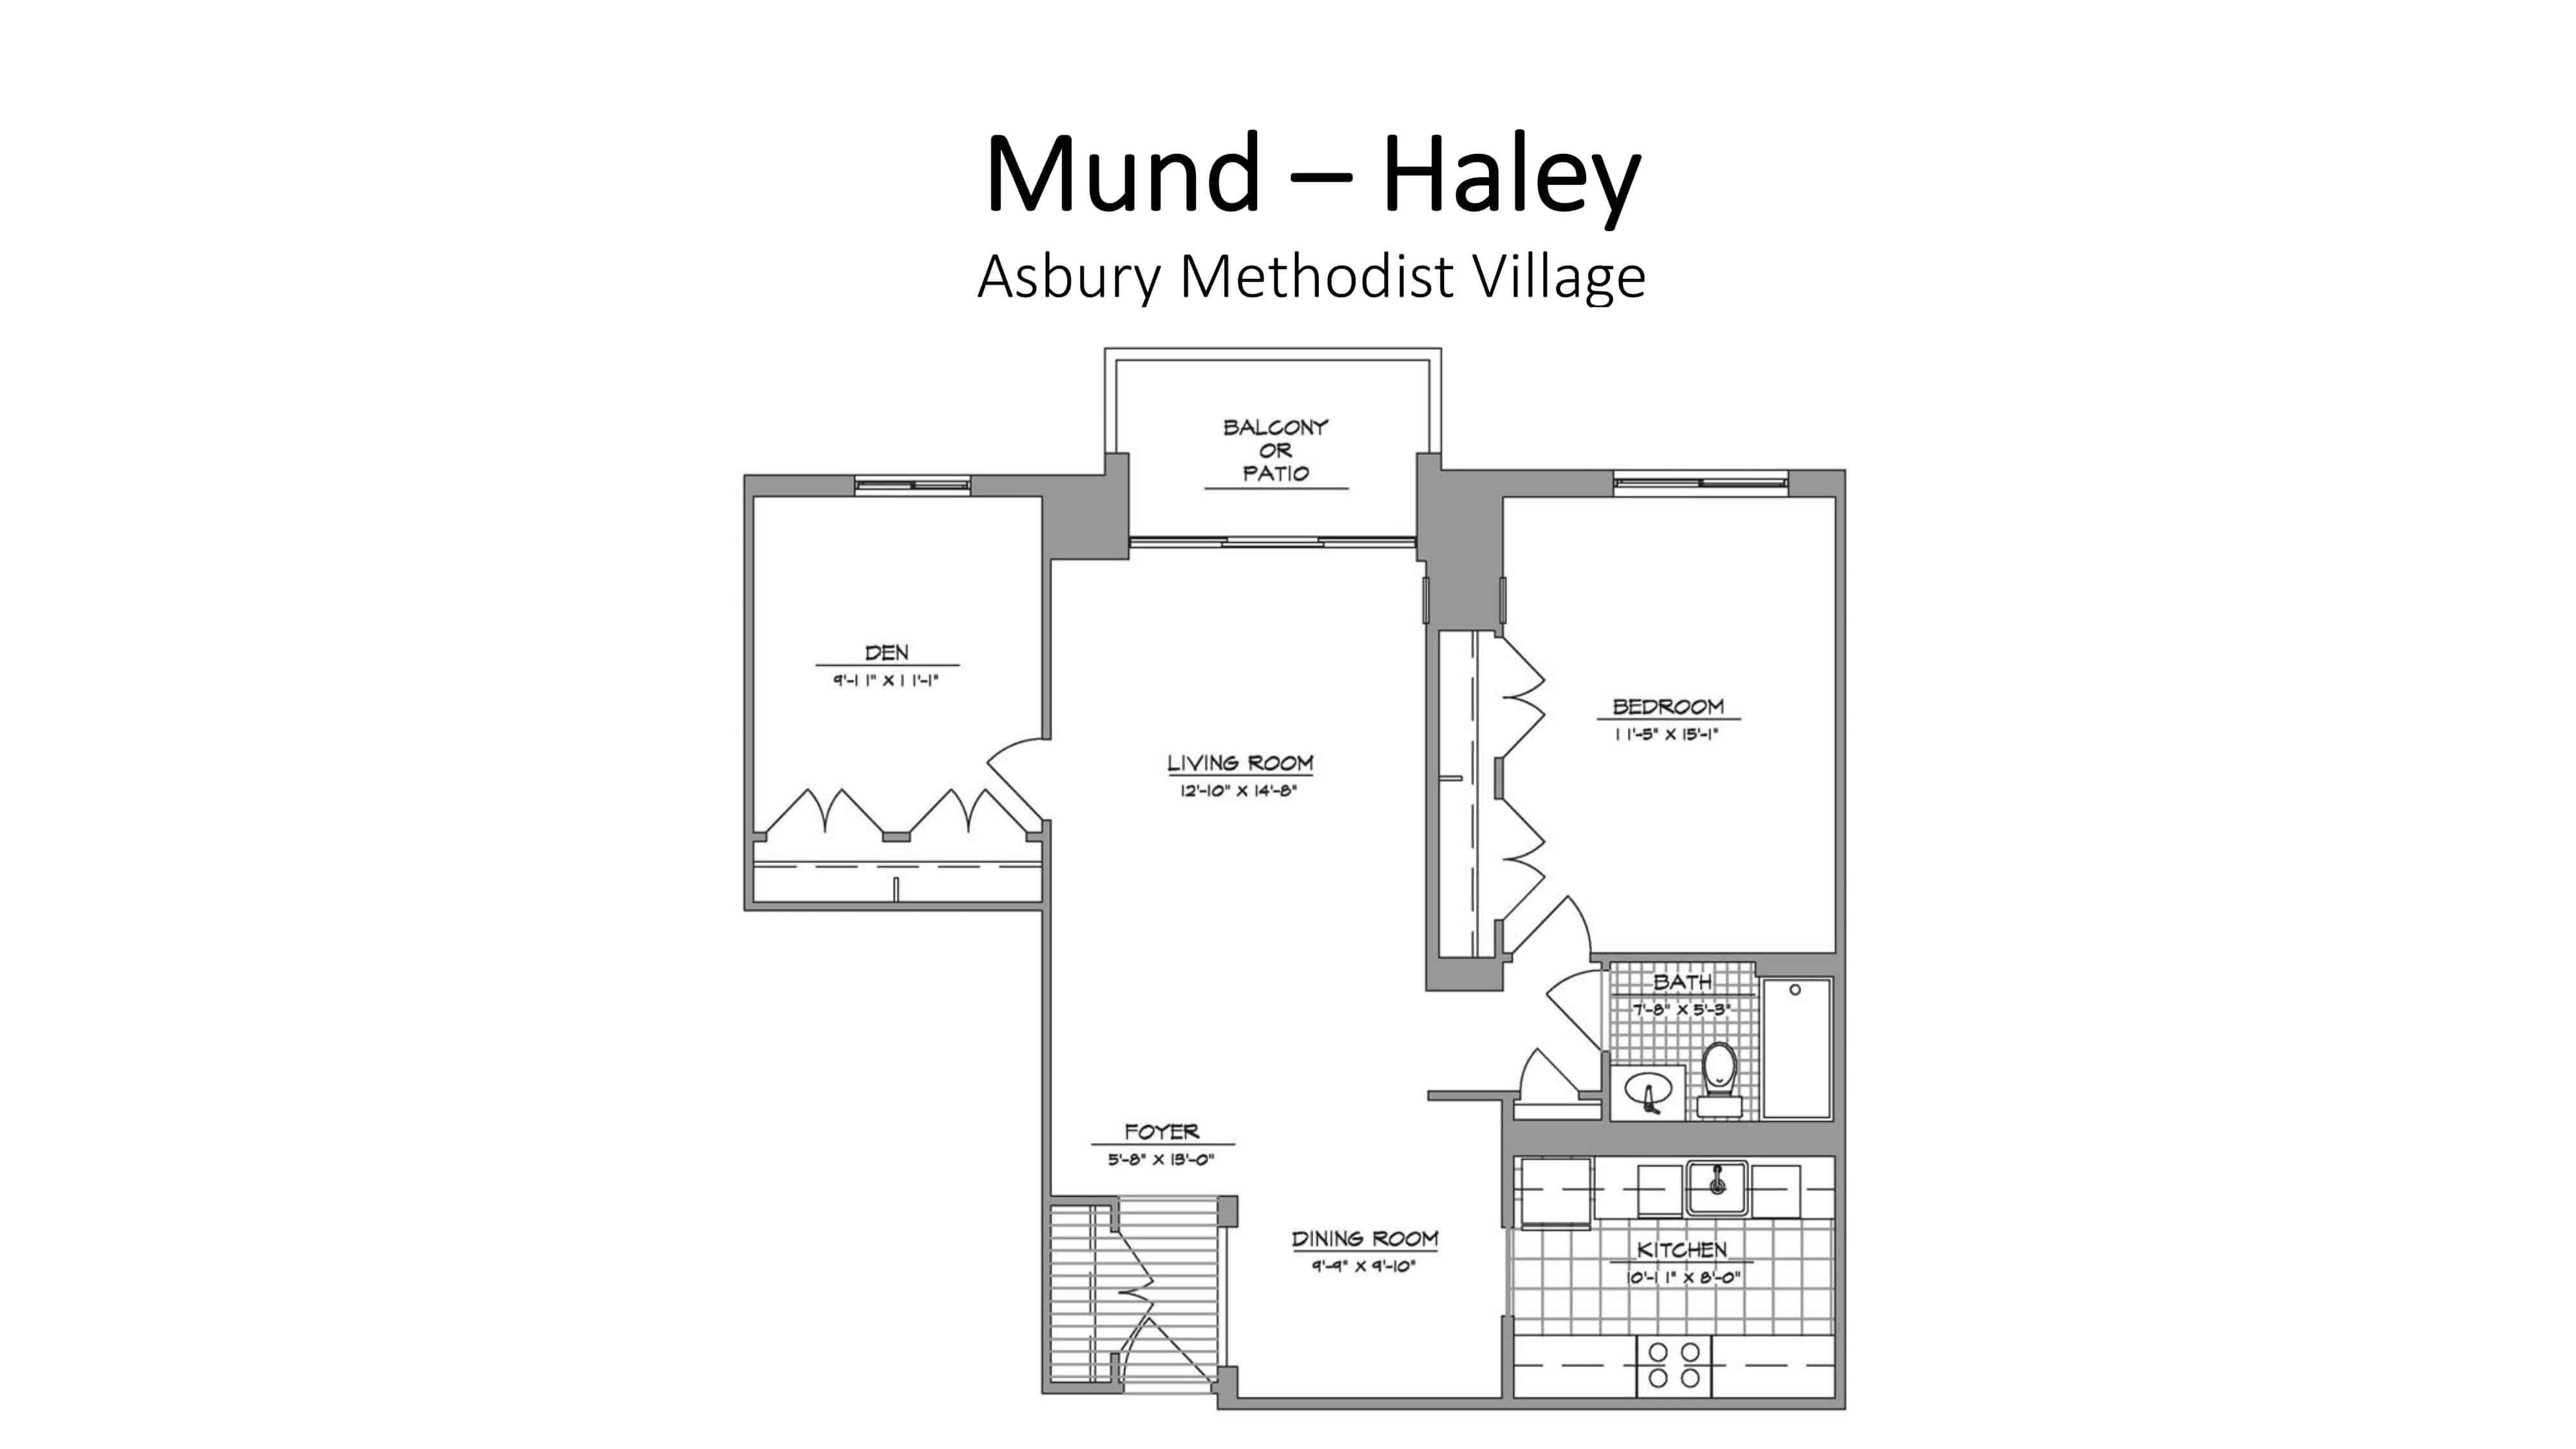 AMV Mund - Haley